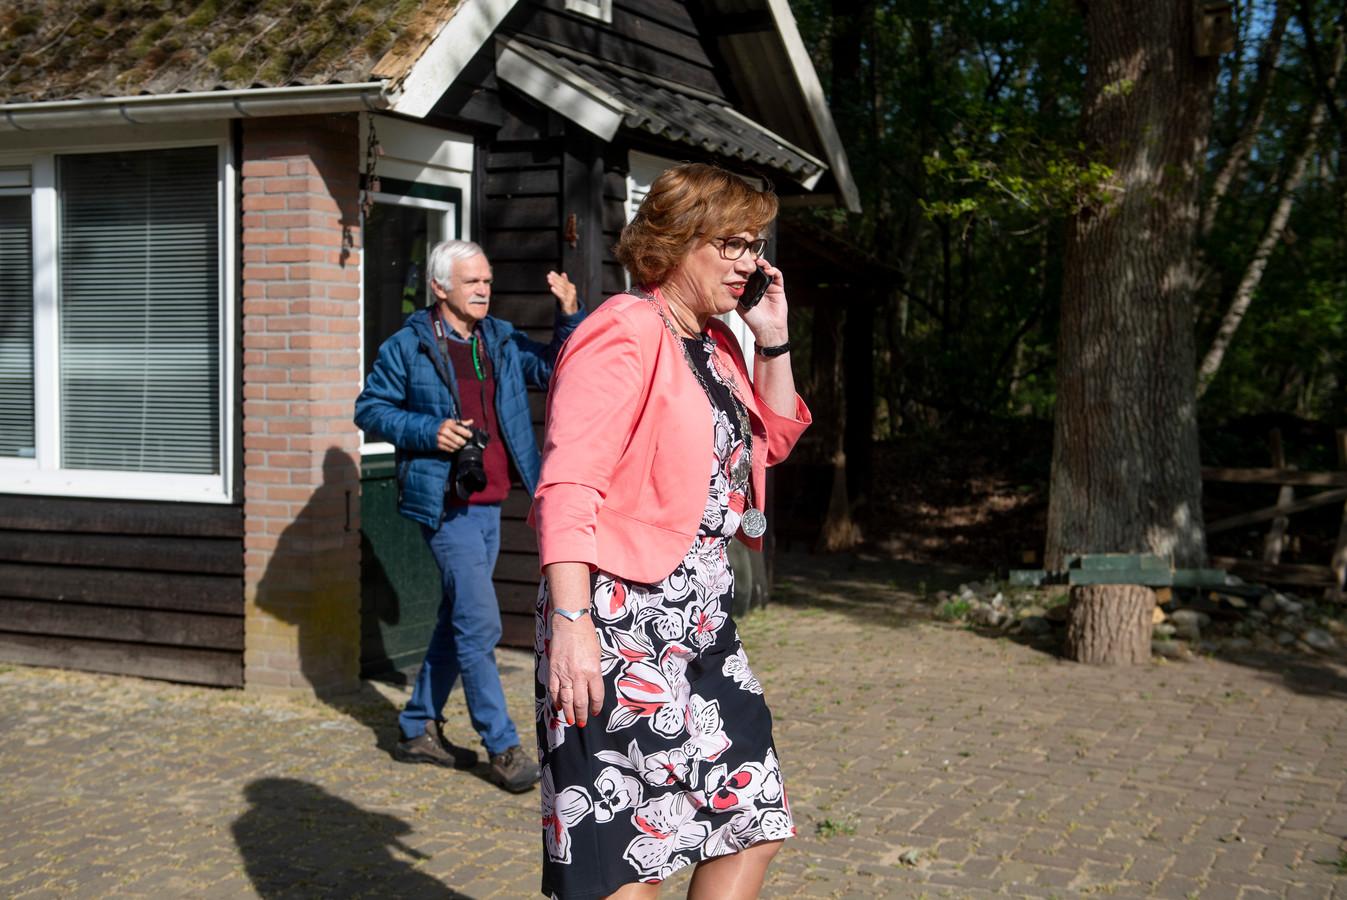 Burgemeester Anneke Raven verrast inwoners die lintje krijgen in gemeente Hellendoorn met een bezoek 'op afstand'.